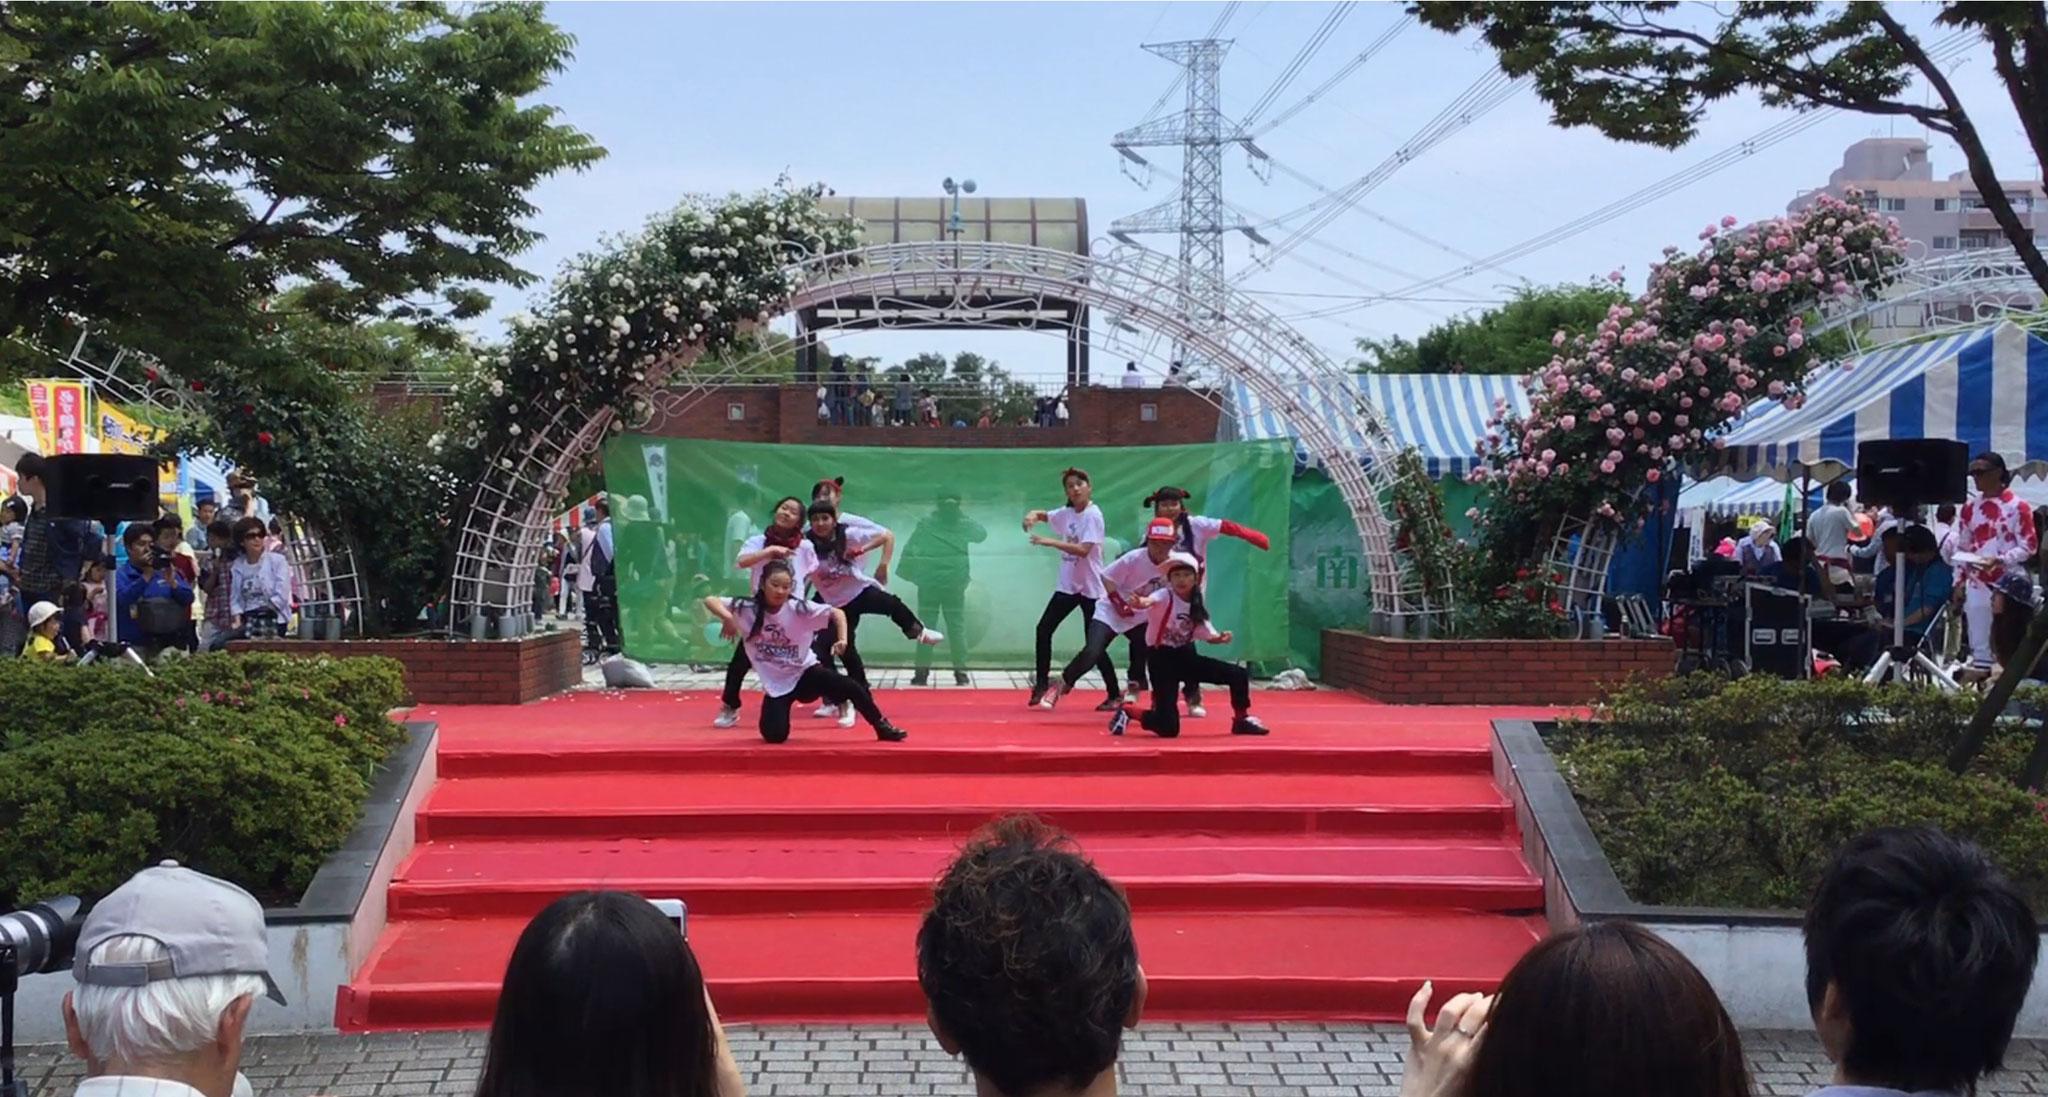 LOCK選抜クラス☆さすがのパフォーマンスでした!